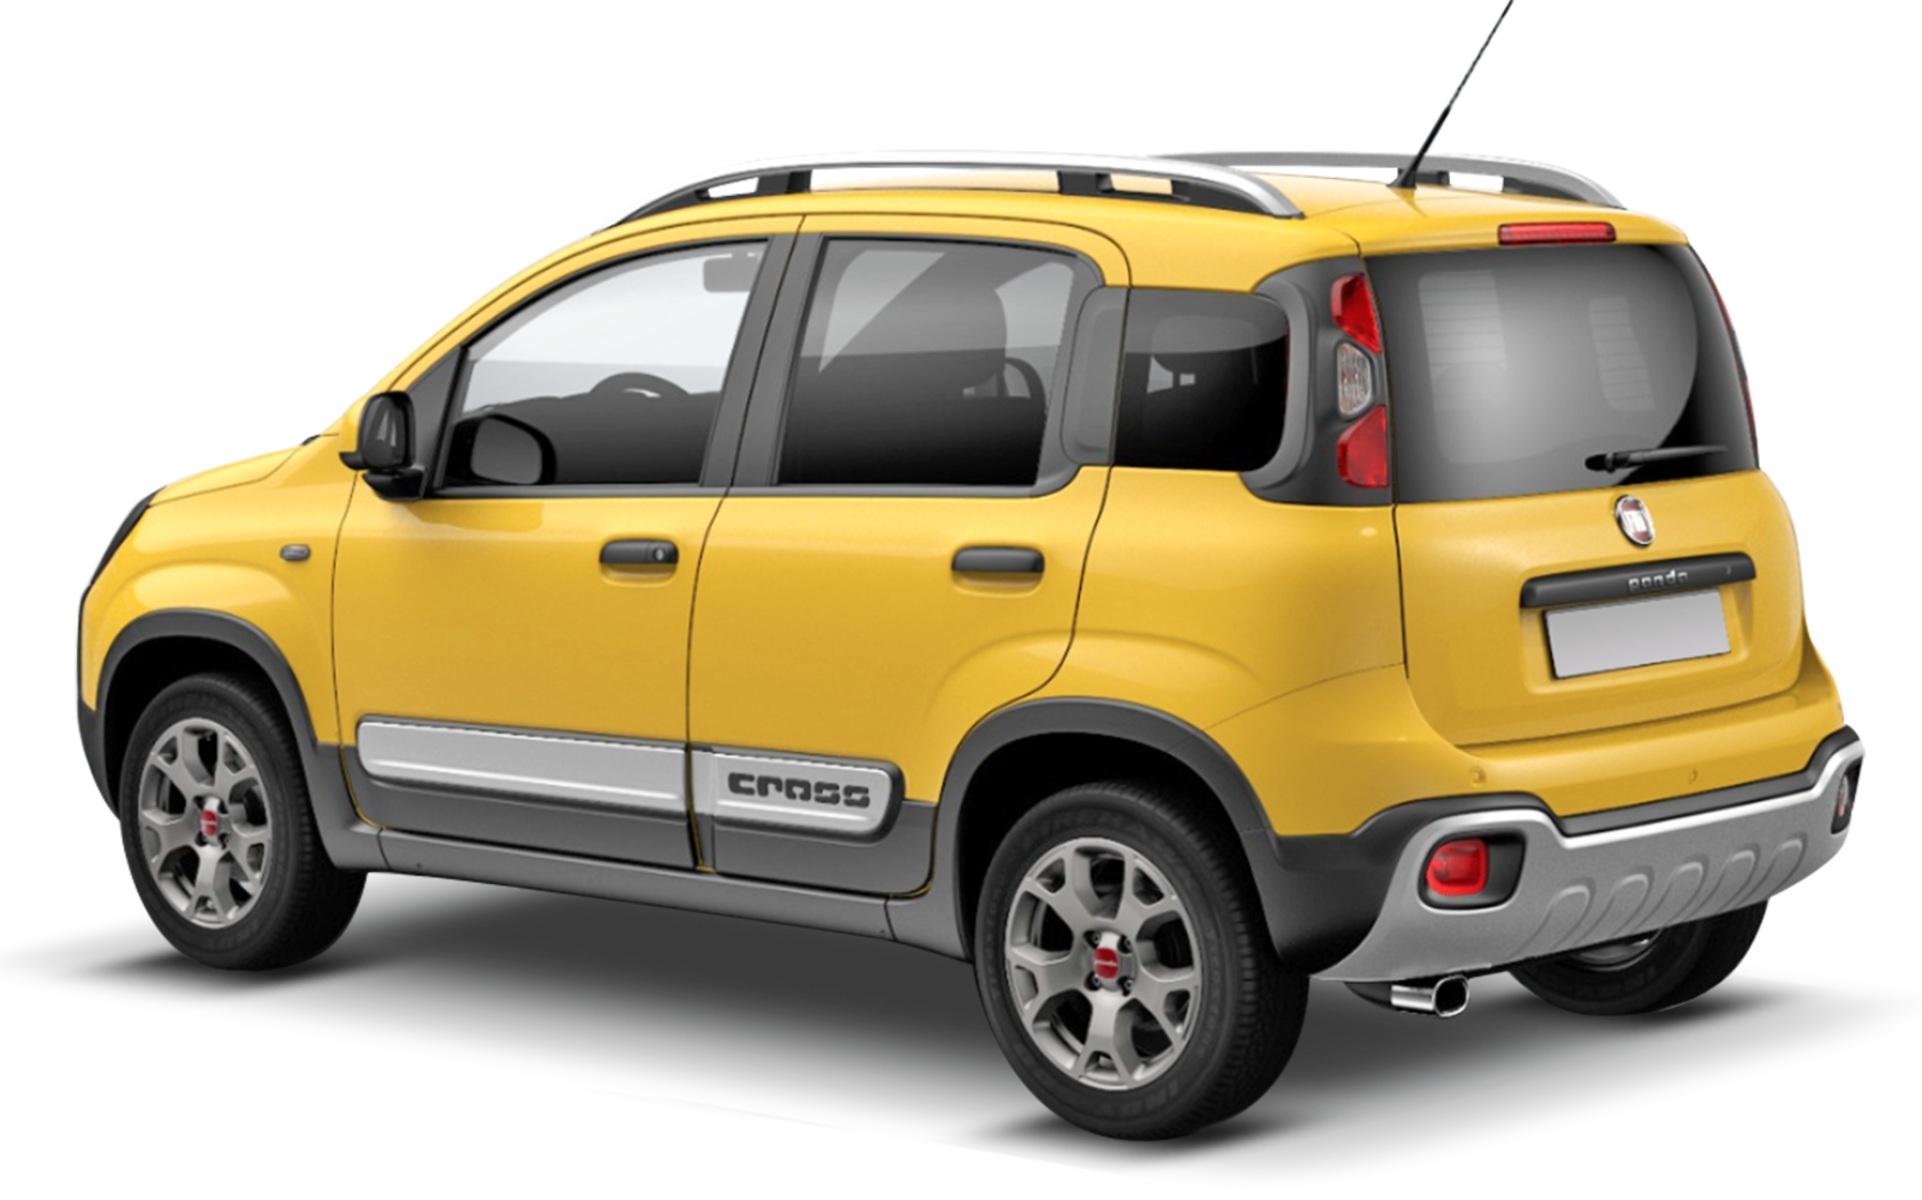 Listino fiat panda prezzo scheda tecnica consumi autos post for Panda 4x4 sisley scheda tecnica